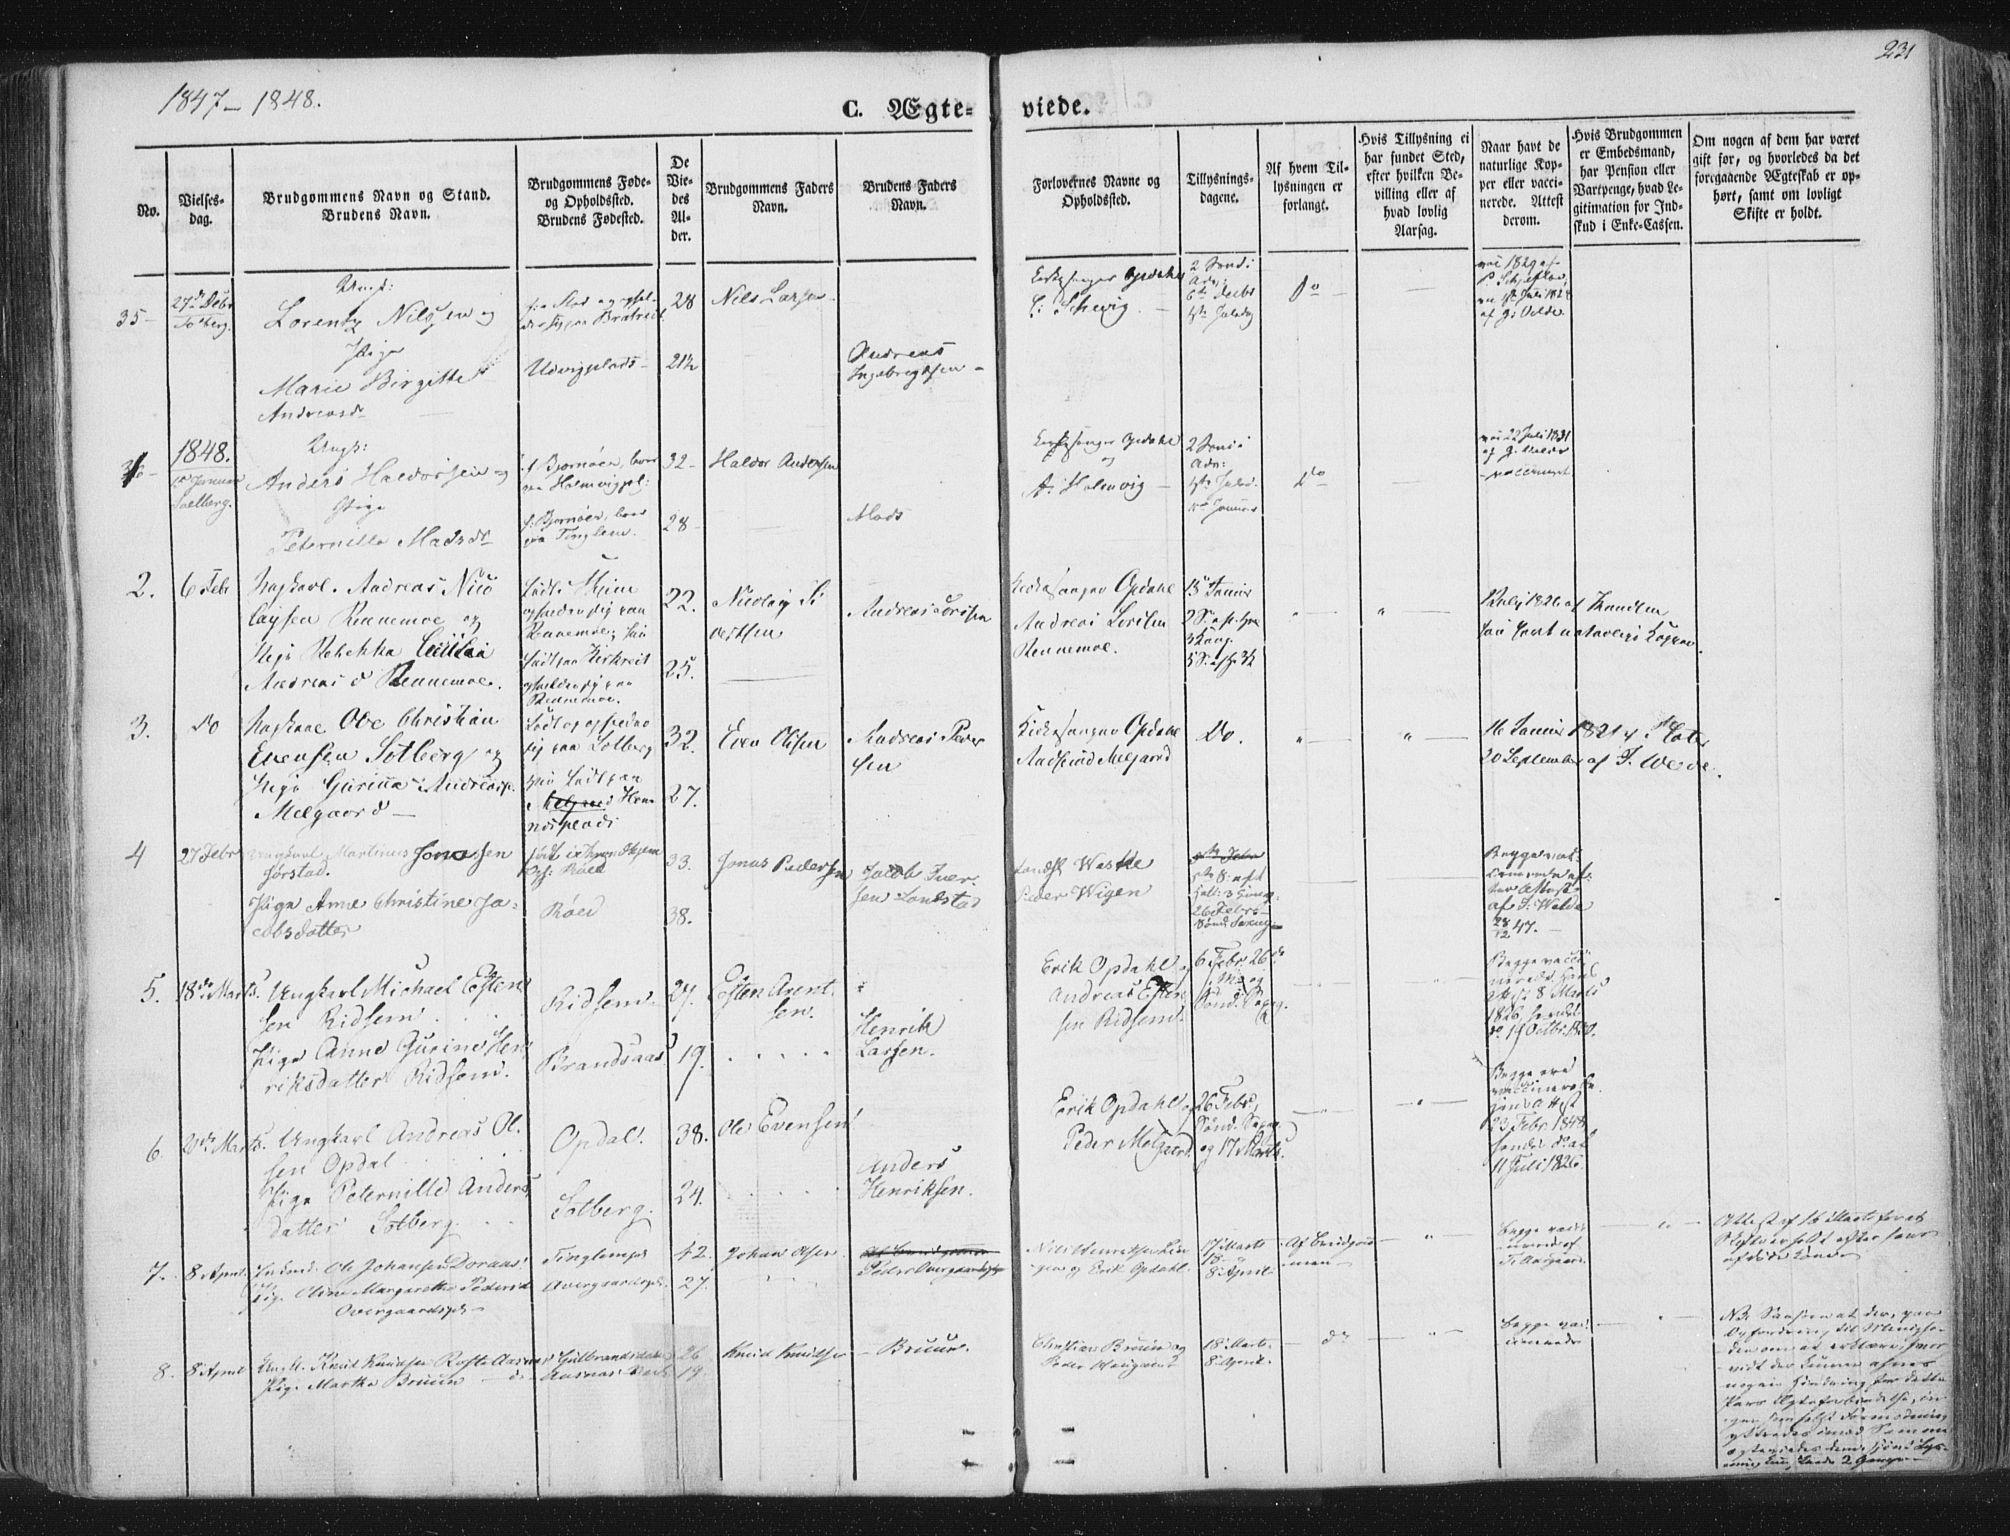 SAT, Ministerialprotokoller, klokkerbøker og fødselsregistre - Nord-Trøndelag, 741/L0392: Ministerialbok nr. 741A06, 1836-1848, s. 231